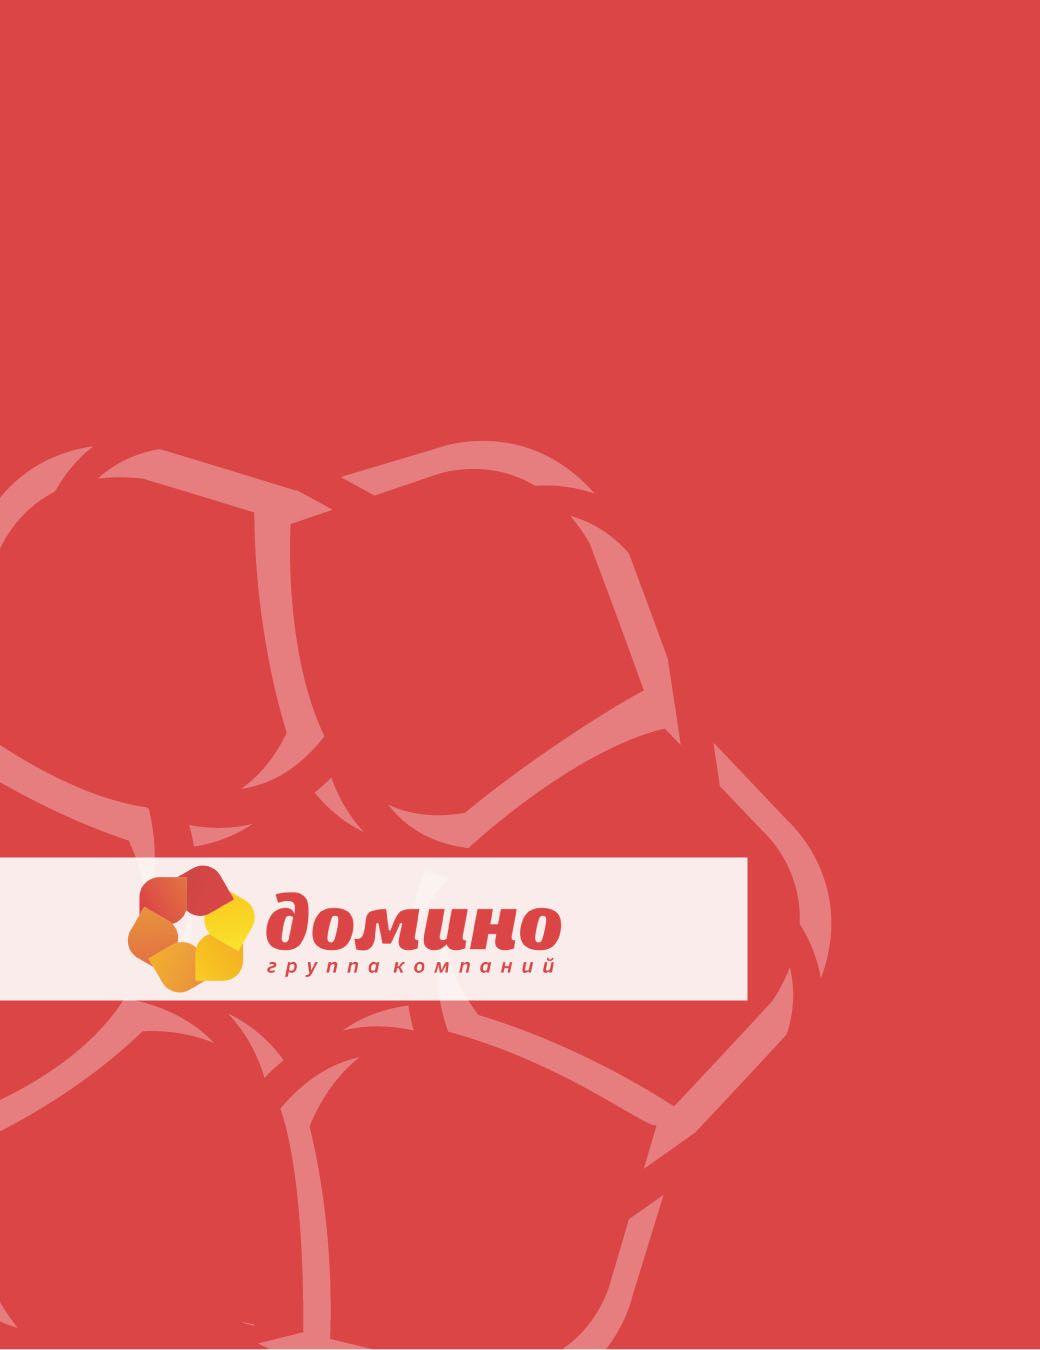 Разработка фирменного стиля (логотип готовый)  - дизайнер juli